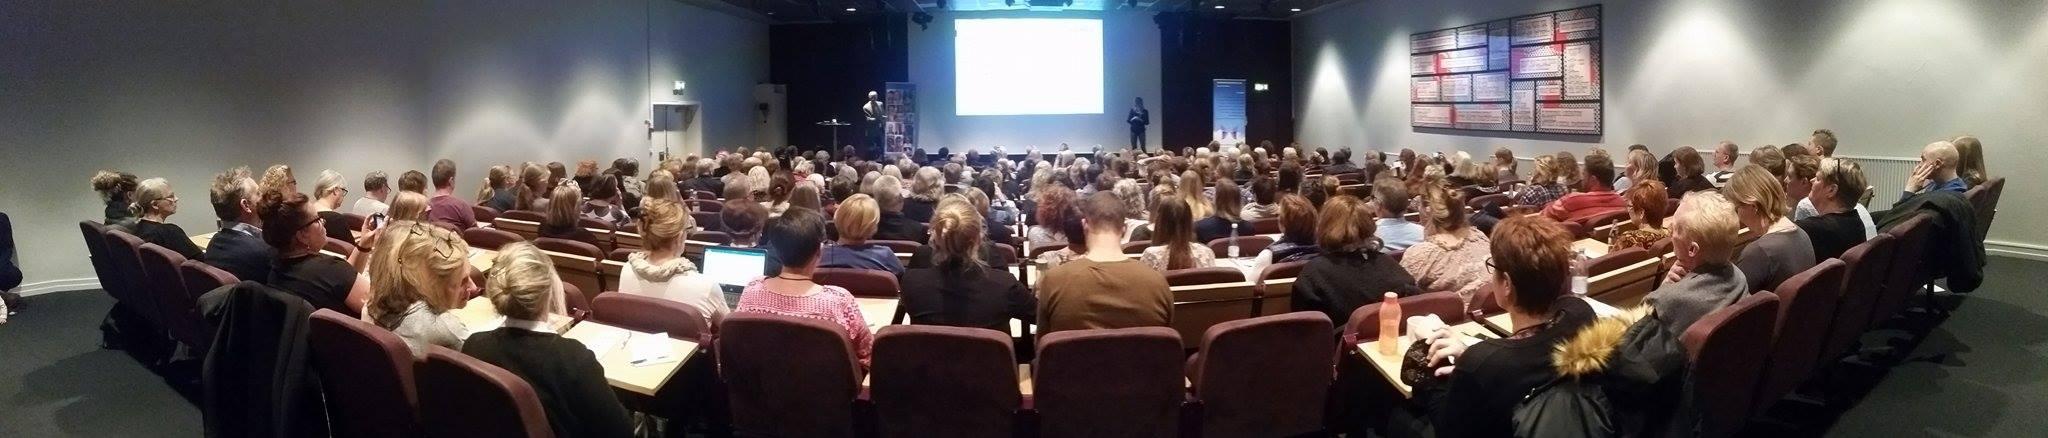 Foredrag Lars Omdal- referat